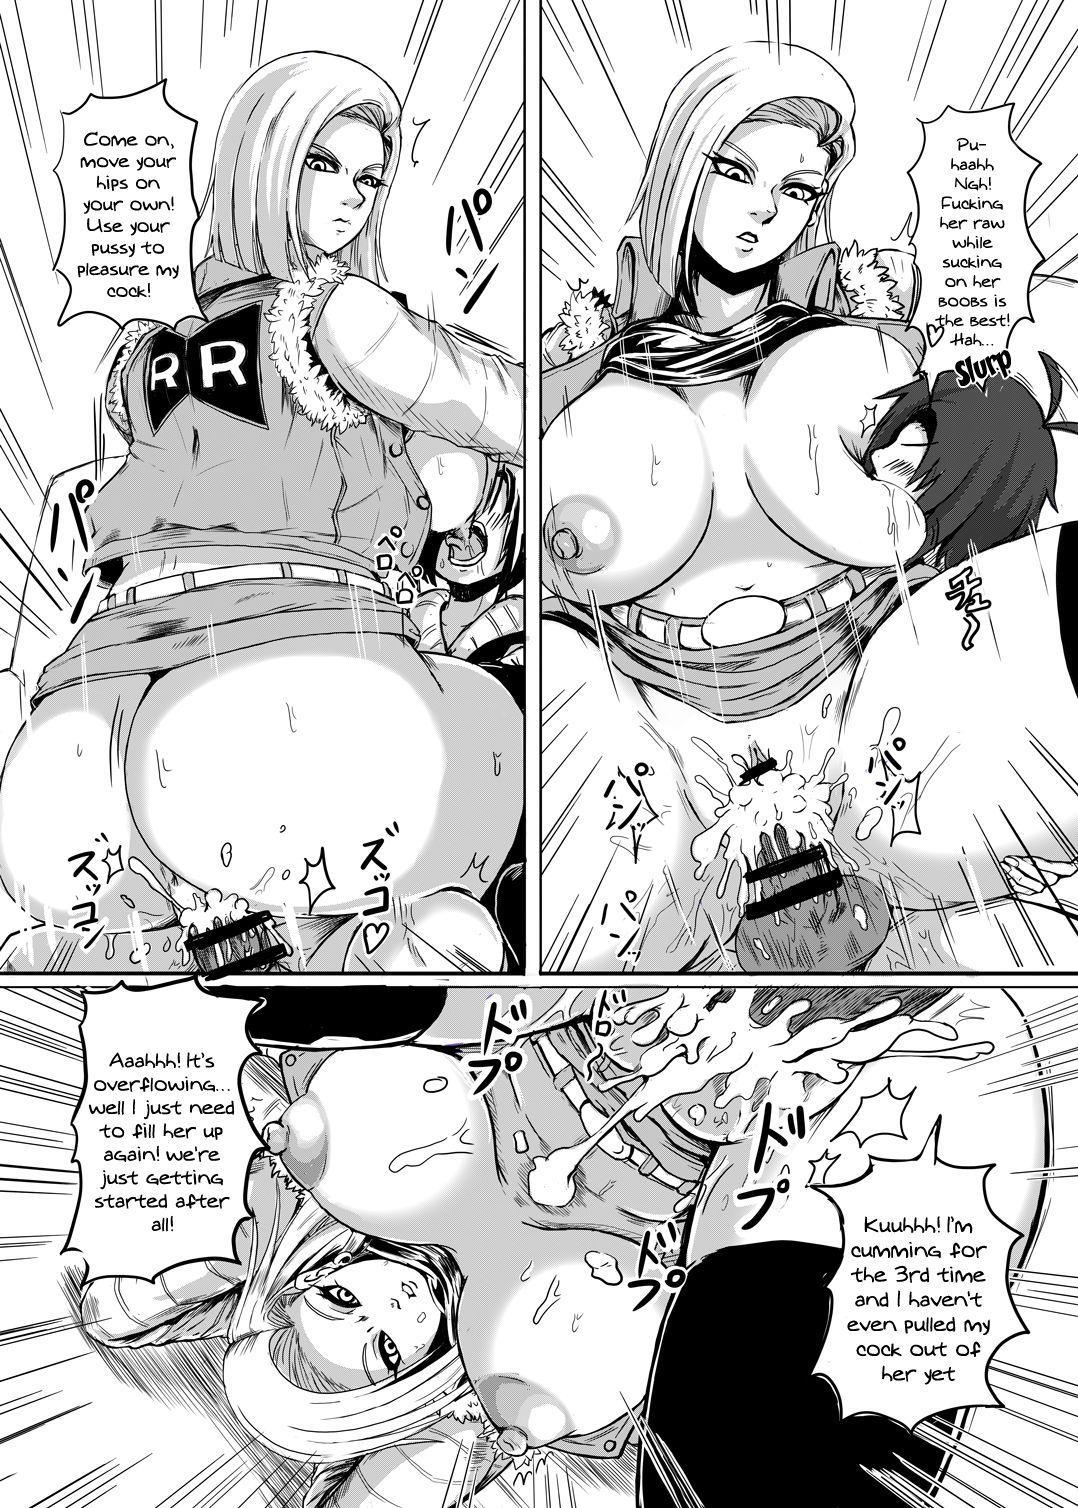 18-gou o Shuuchishin Zero ni Shite Yarimakurimashita   I Set Android 18's Shame To 0 And Fucked Her Over And Over 11